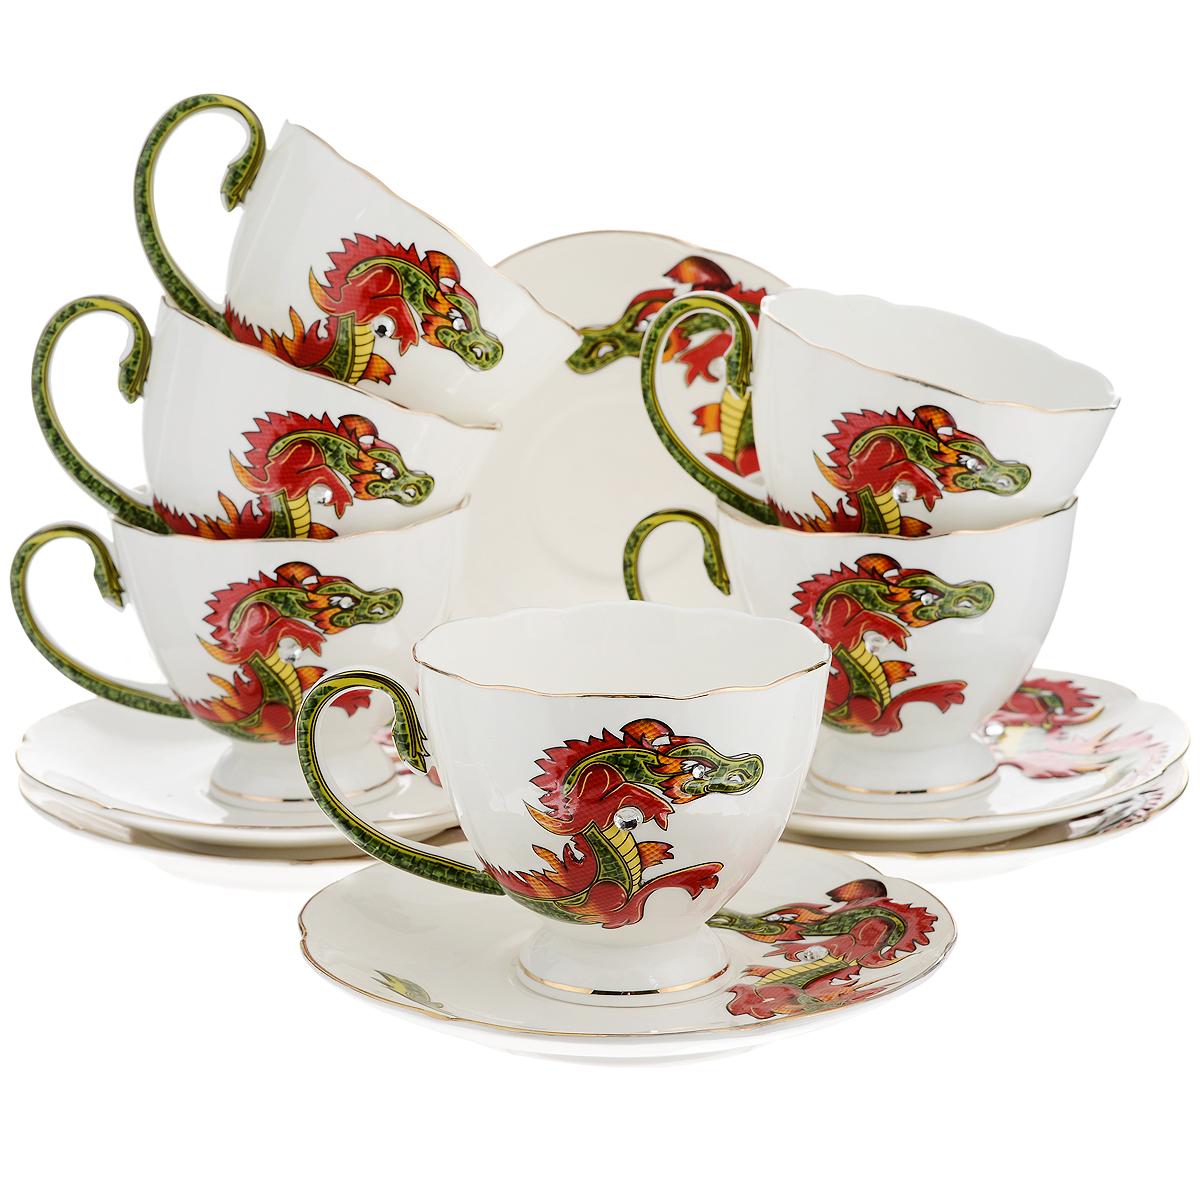 Набор чайный Briswild Яркий дракон, 12 предметов595-069Чайный набор Briswild Яркий дракон, выполненный из высококачественного фарфора, состоит из 6 чашек и 6 блюдец. Изделия оформлены золотой каемкой и изображением дракона со стразами. Элегантный дизайн и совершенные формы предметов набора привлекут к себе внимание и украсят интерьер вашей кухни. Чайный набор Briswild Яркий дракон идеально подойдет для сервировки стола и станет отличным подарком к любому празднику. Чайный набор упакован в подарочную коробку. Не использовать в микроволновой печи. Не применять абразивные чистящие вещества.